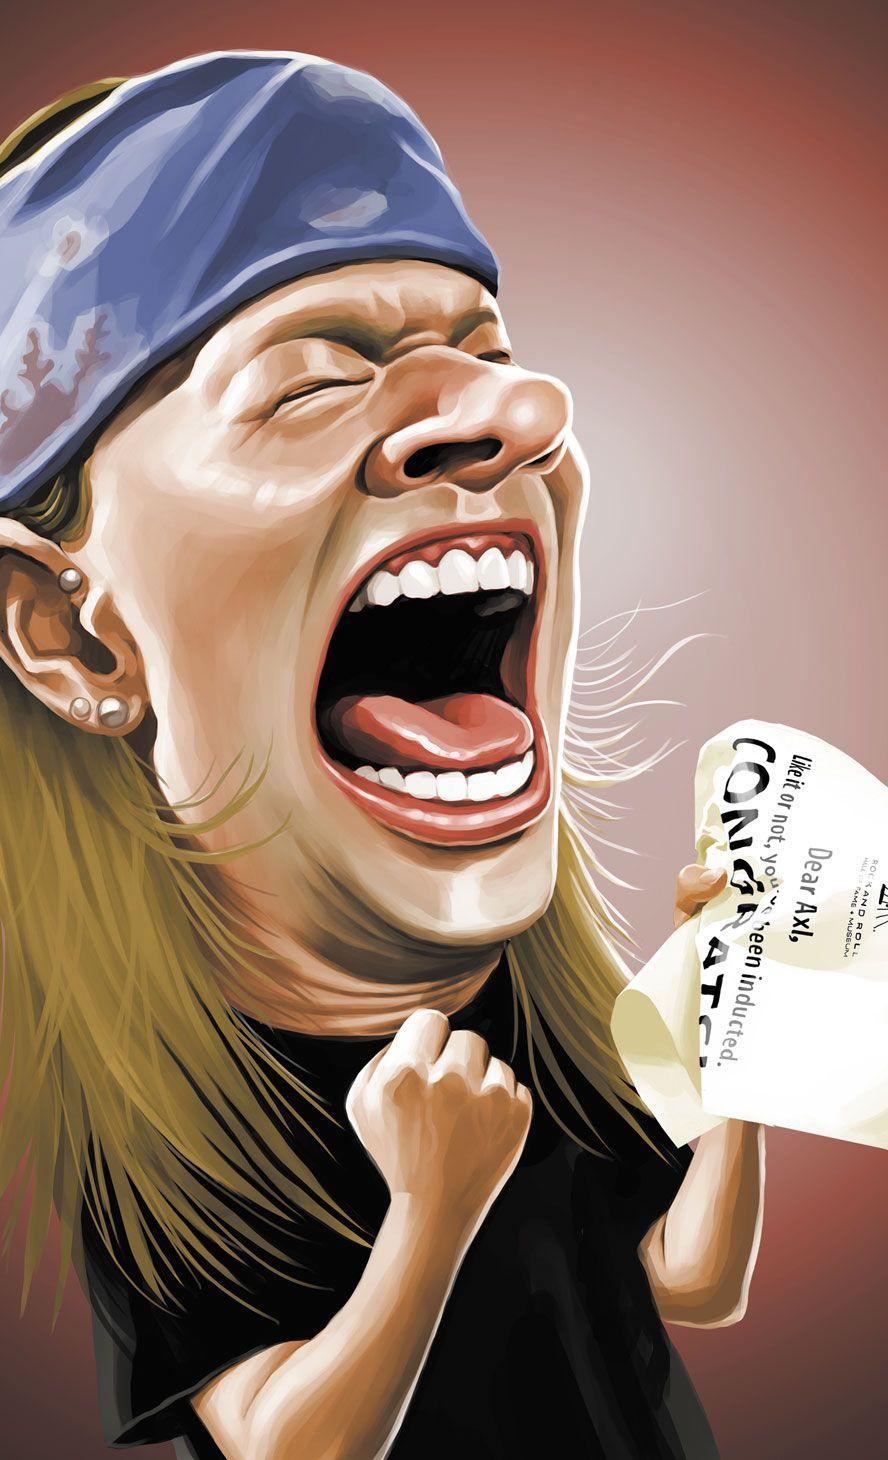 Axl Rose Caricature